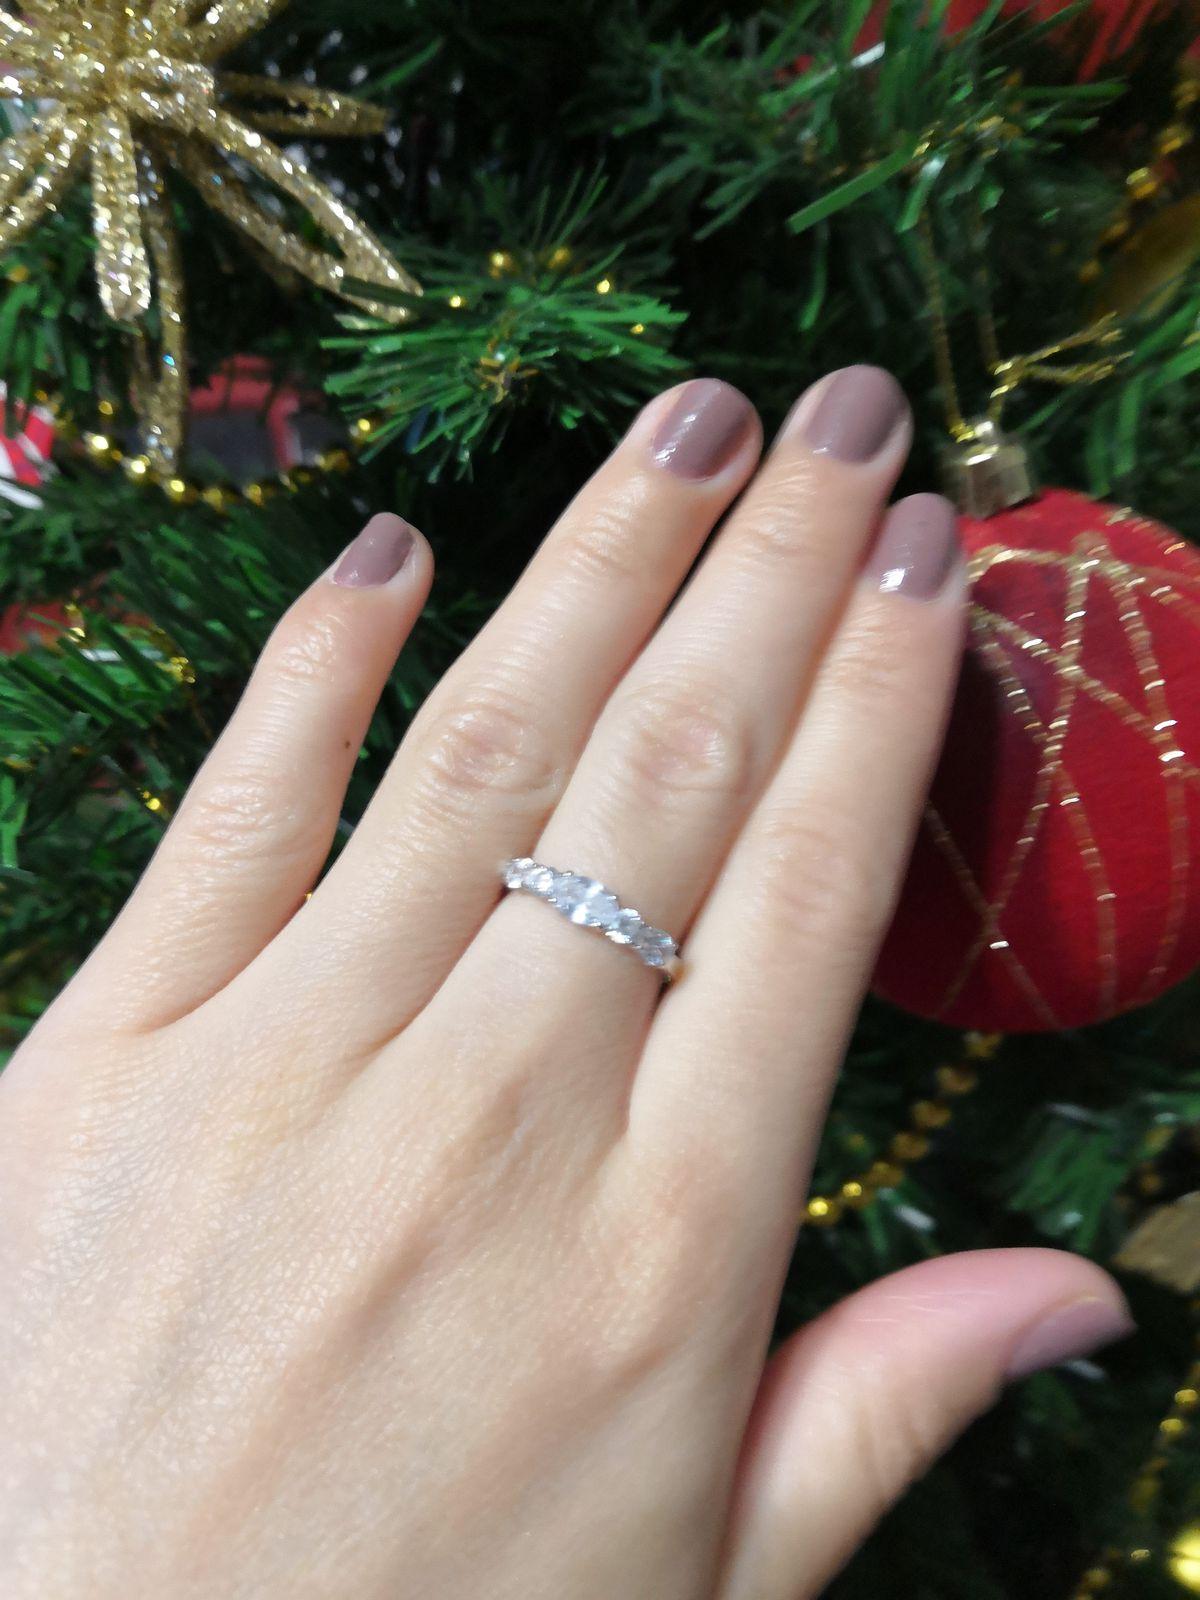 Очень красивое кольцо. Смотрится супер